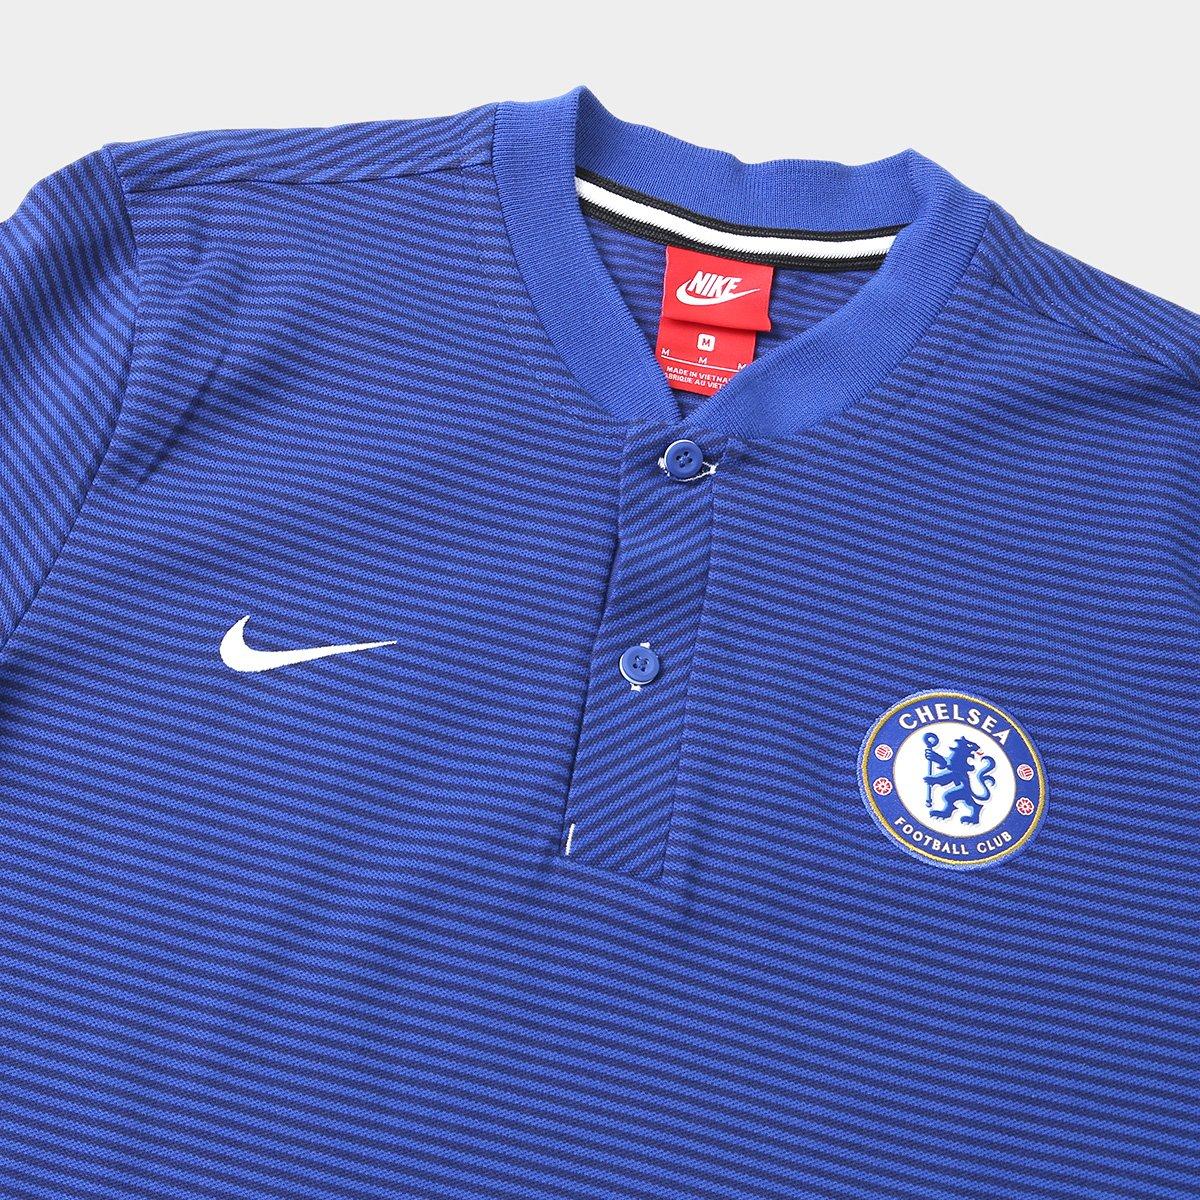 Camisa Polo Chelsea Nike Modern Masculina - Compre Agora  c53fa2f083e3f